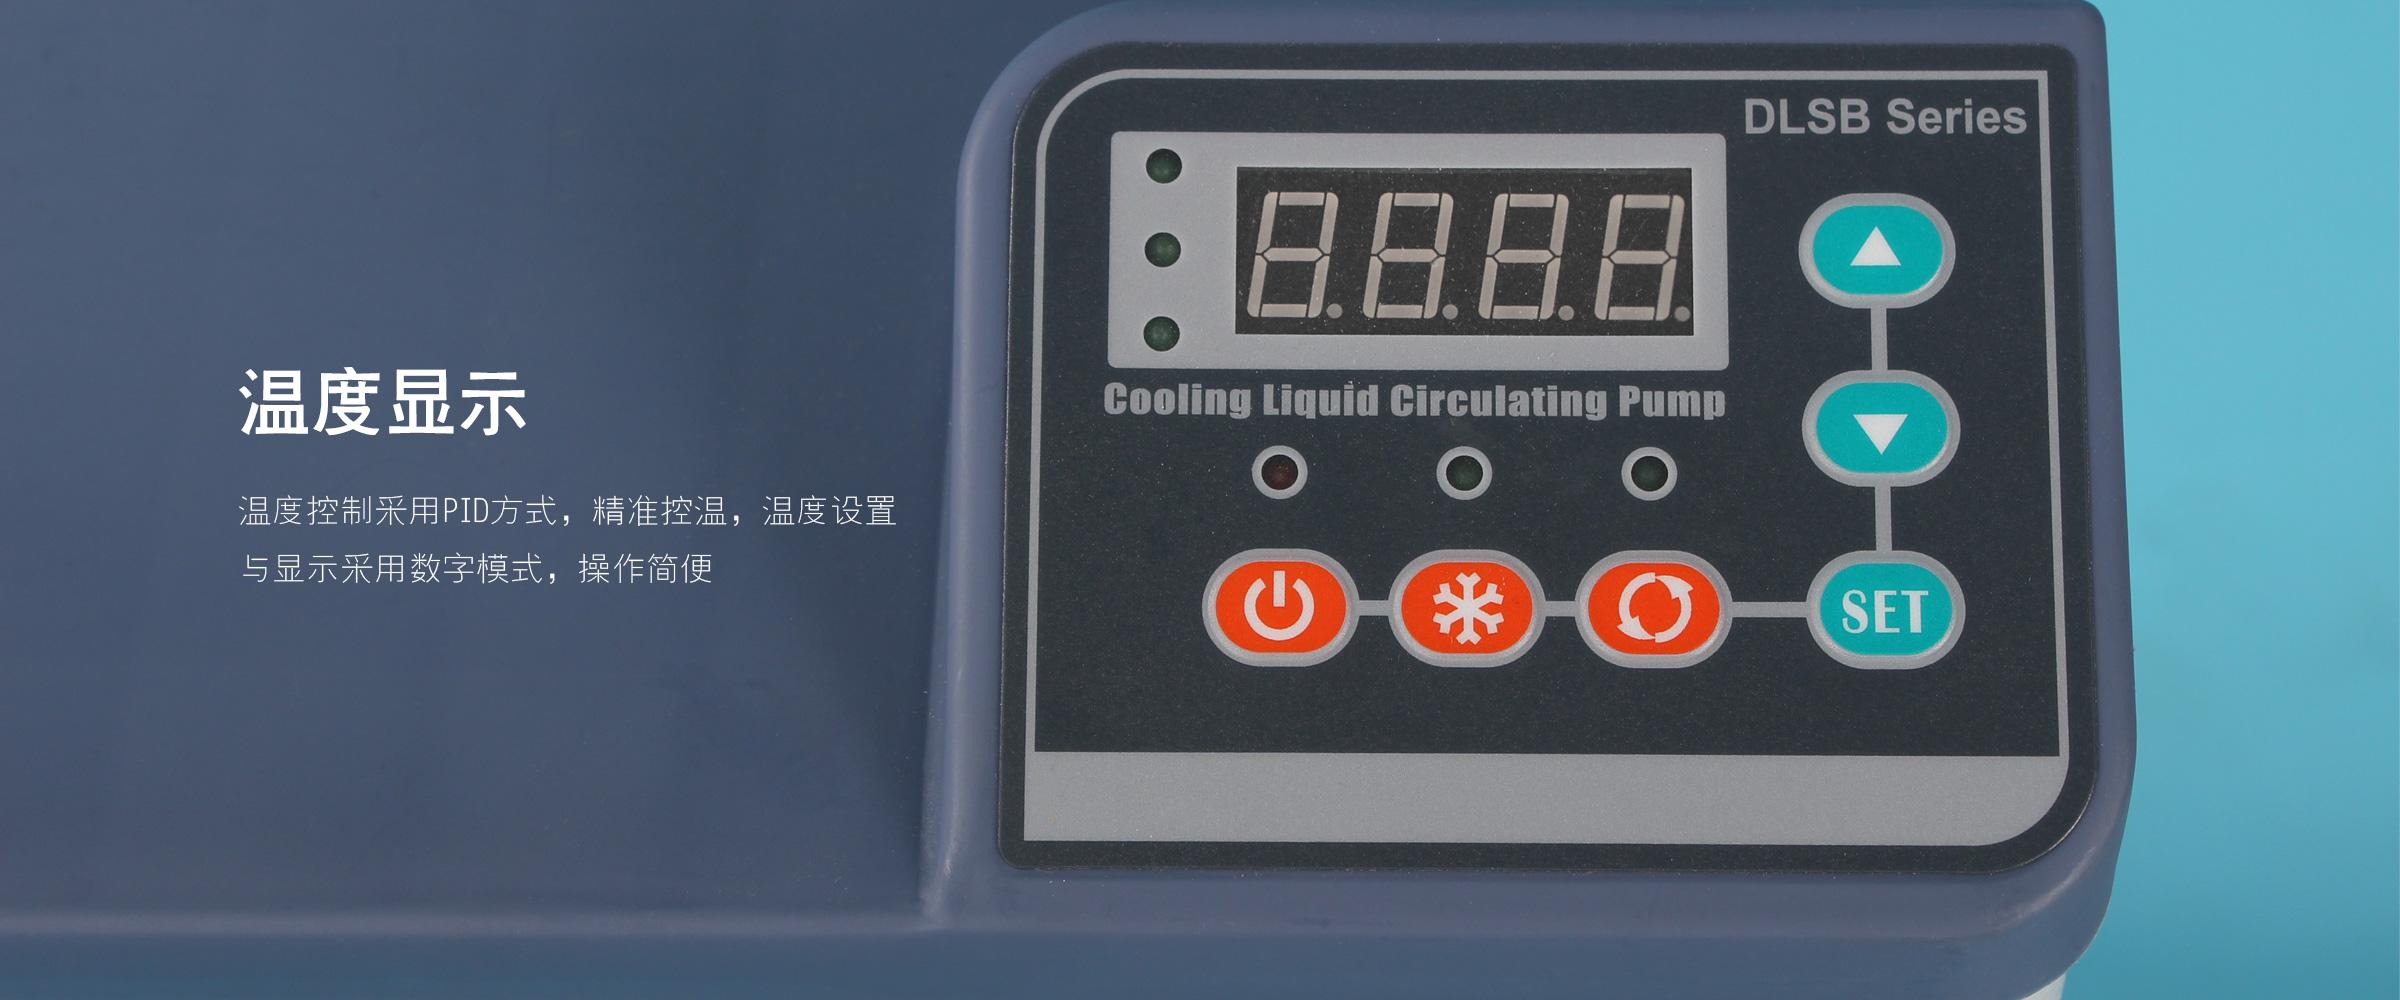 DLSB低温冷却液循环泵 (3)